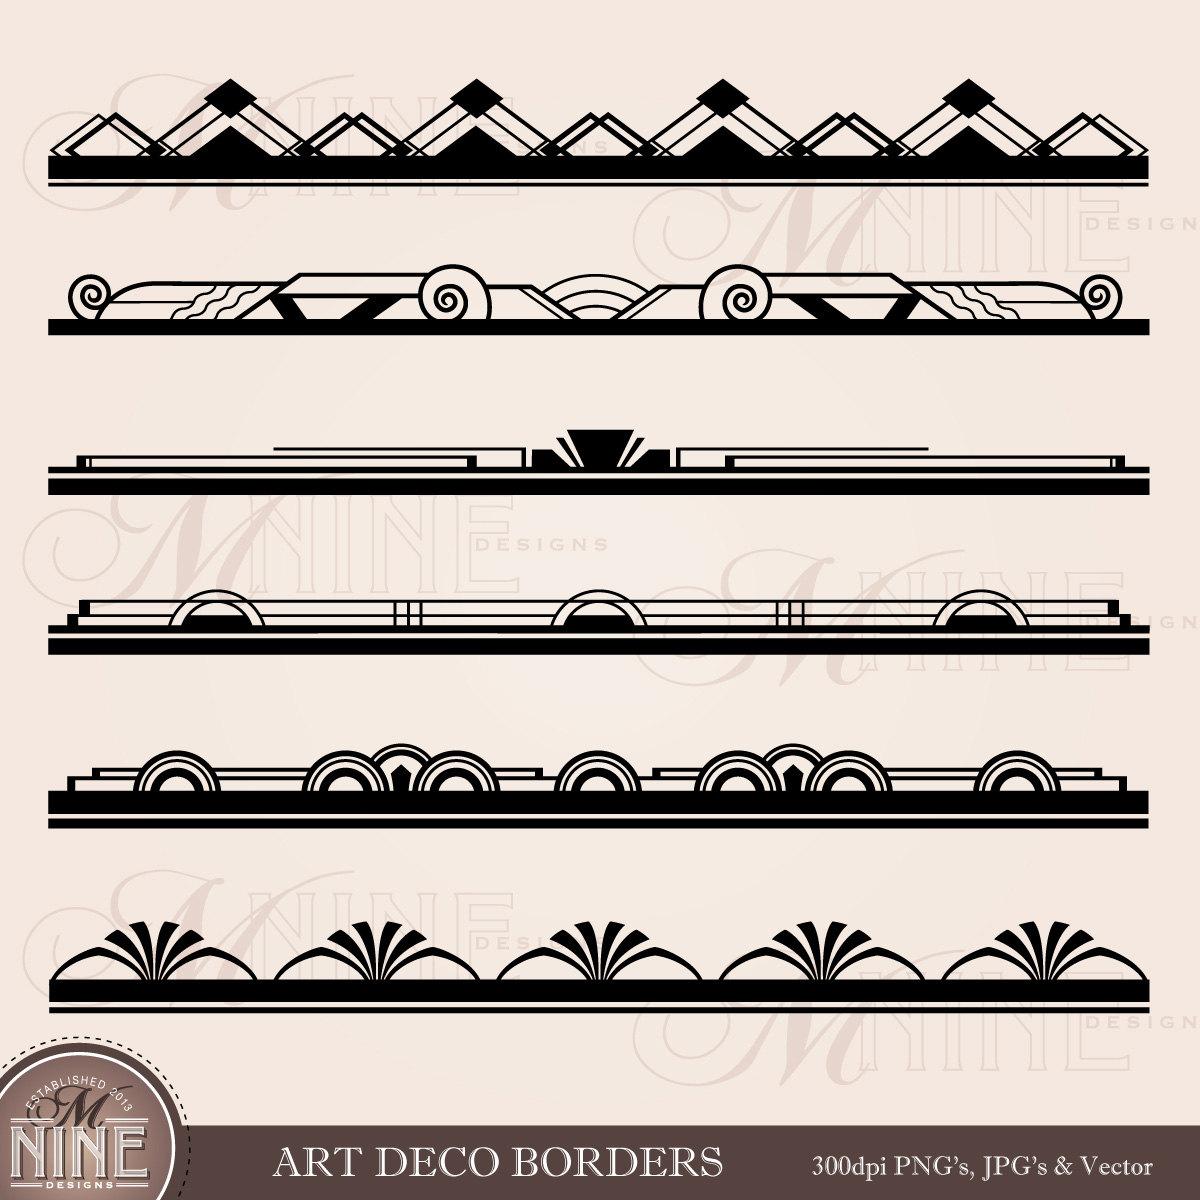 Lines clipart art deco Clip Art Deco Elements Design